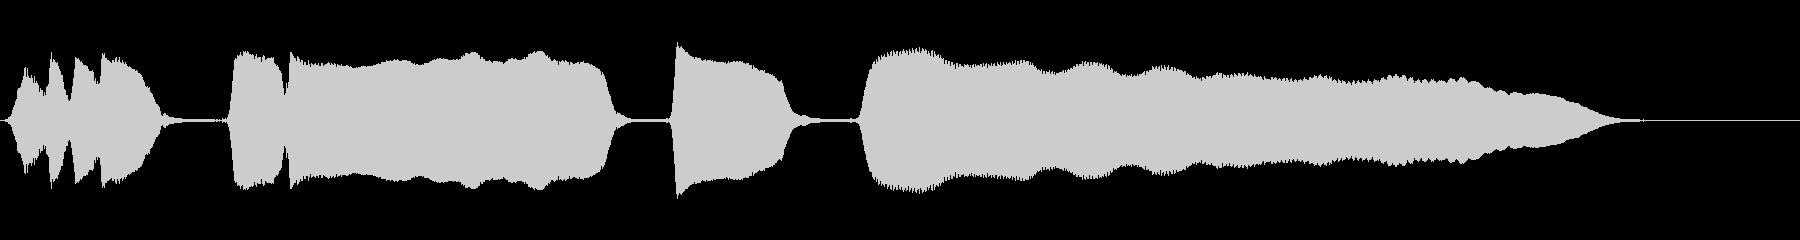 ハーモニカ:チャージアクセント、漫...の未再生の波形